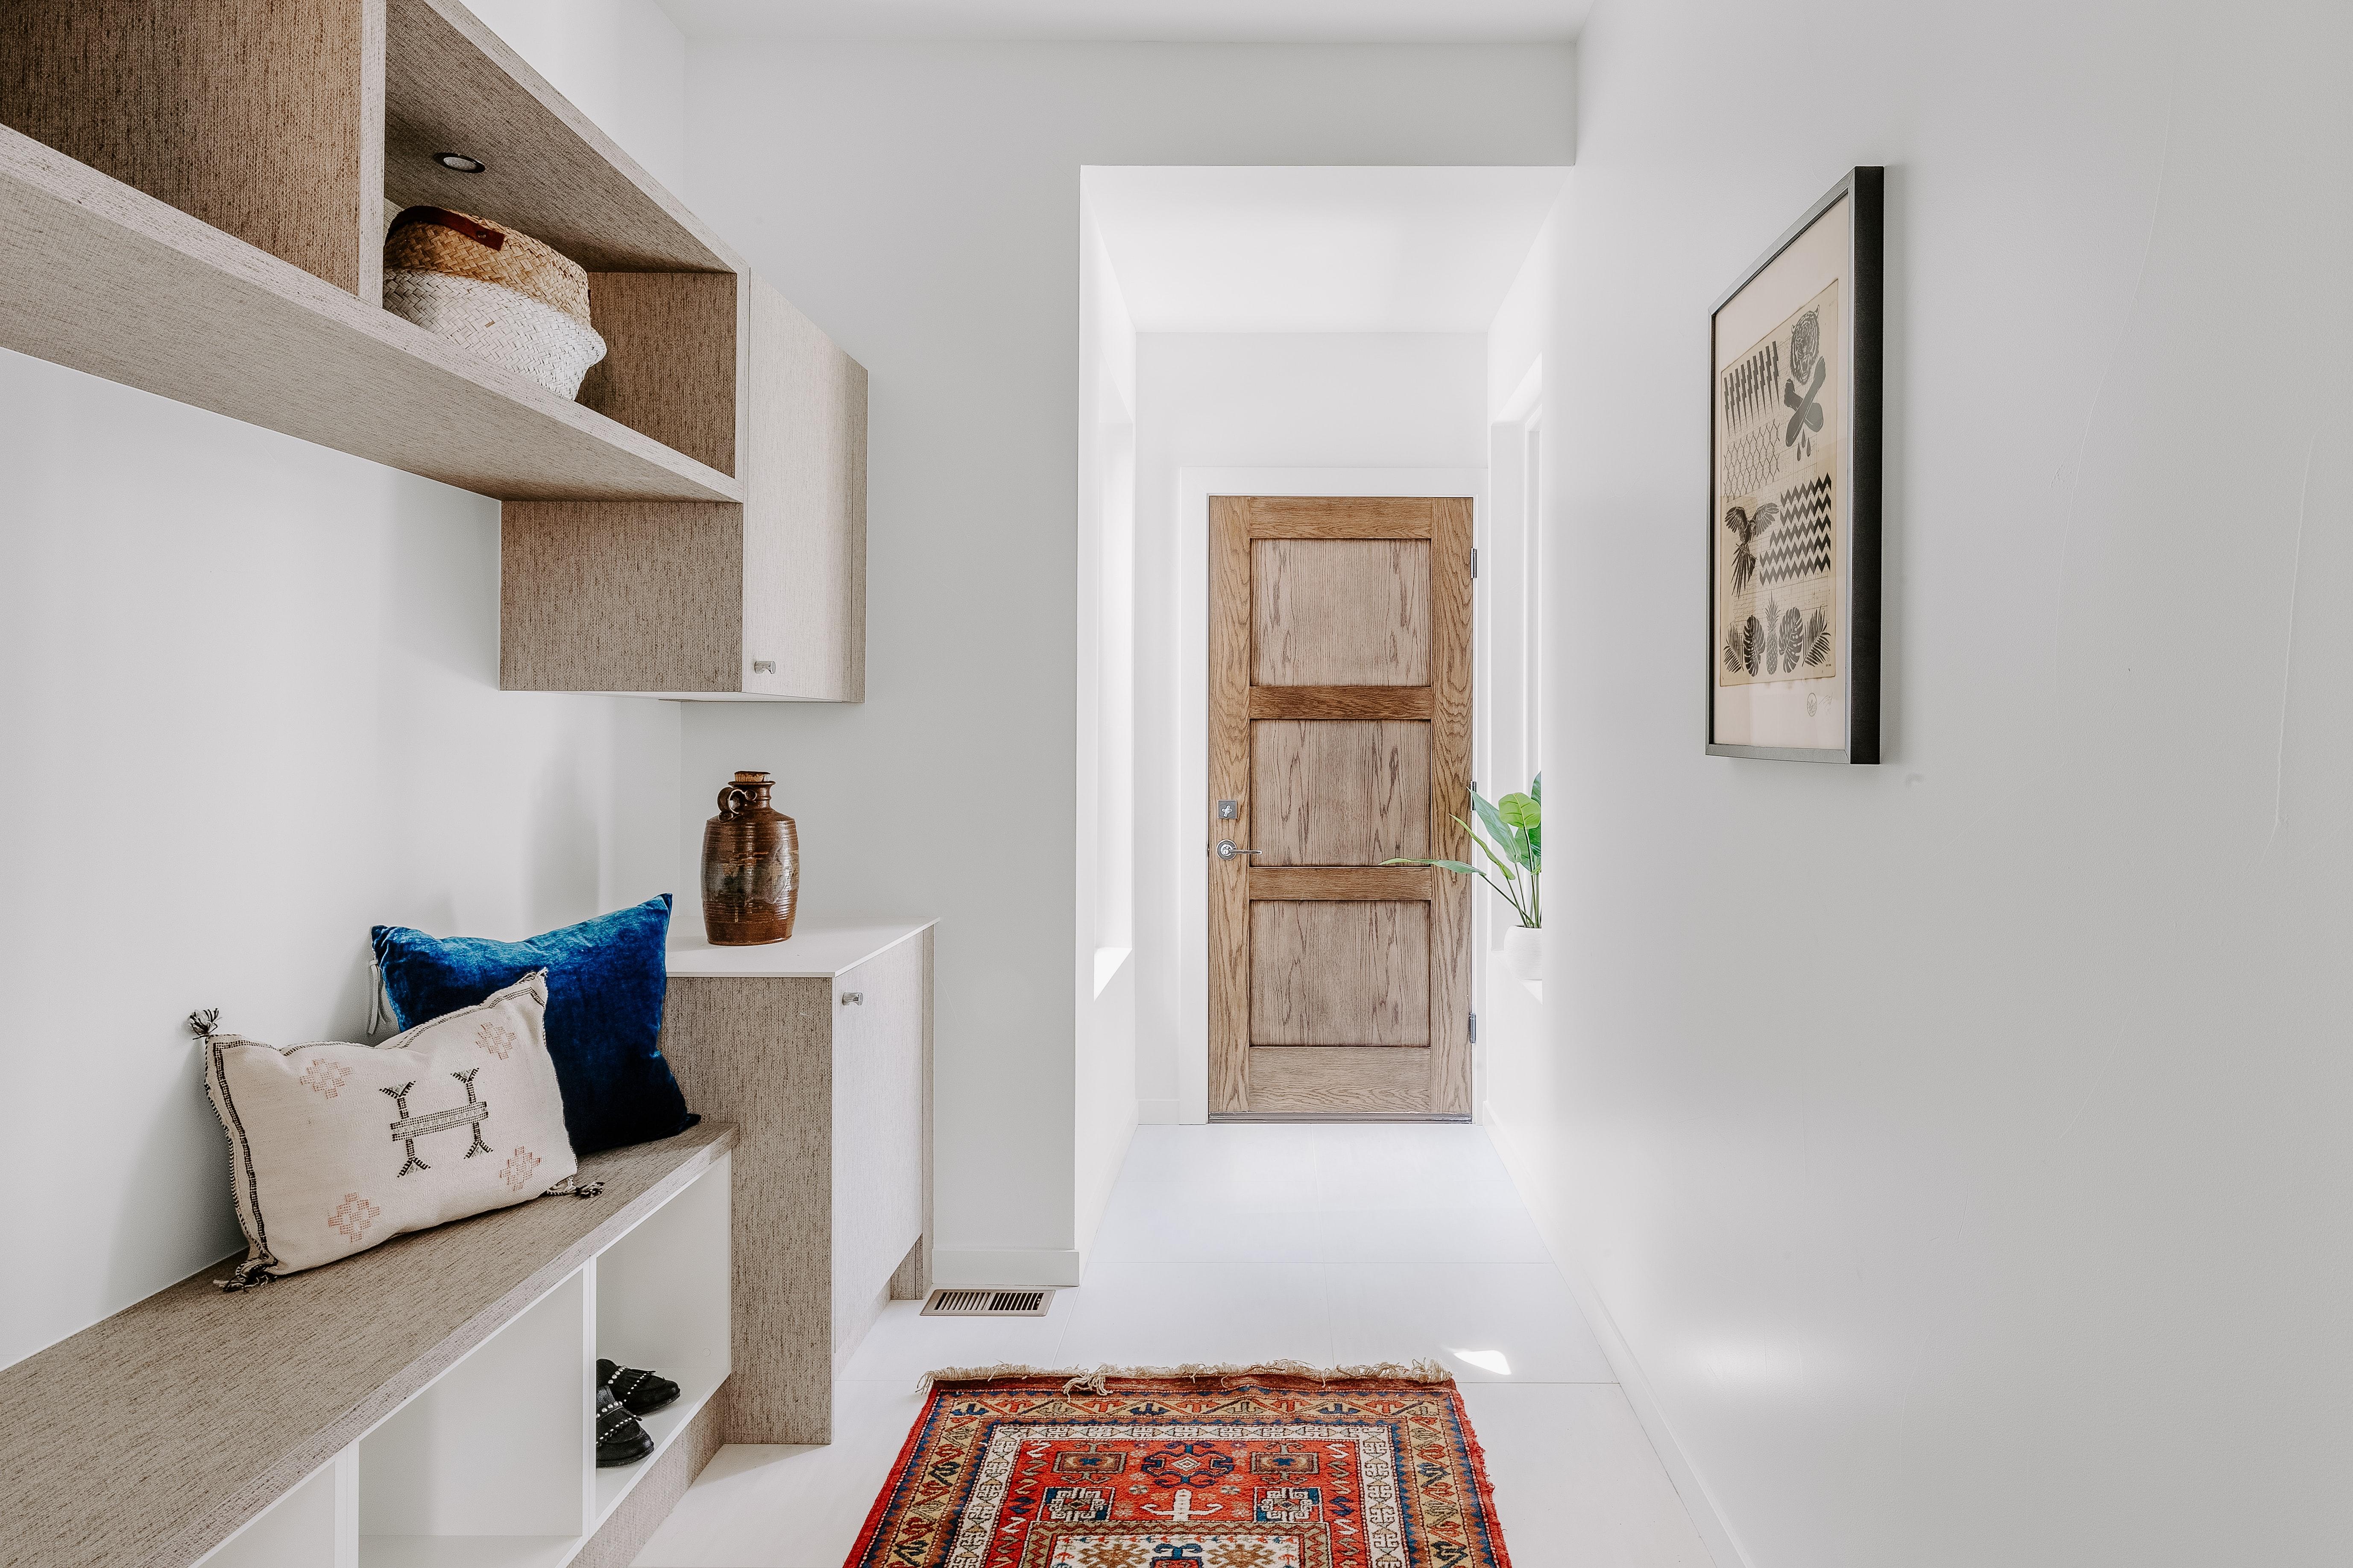 Um espaço bonito e agradável / Unsplash